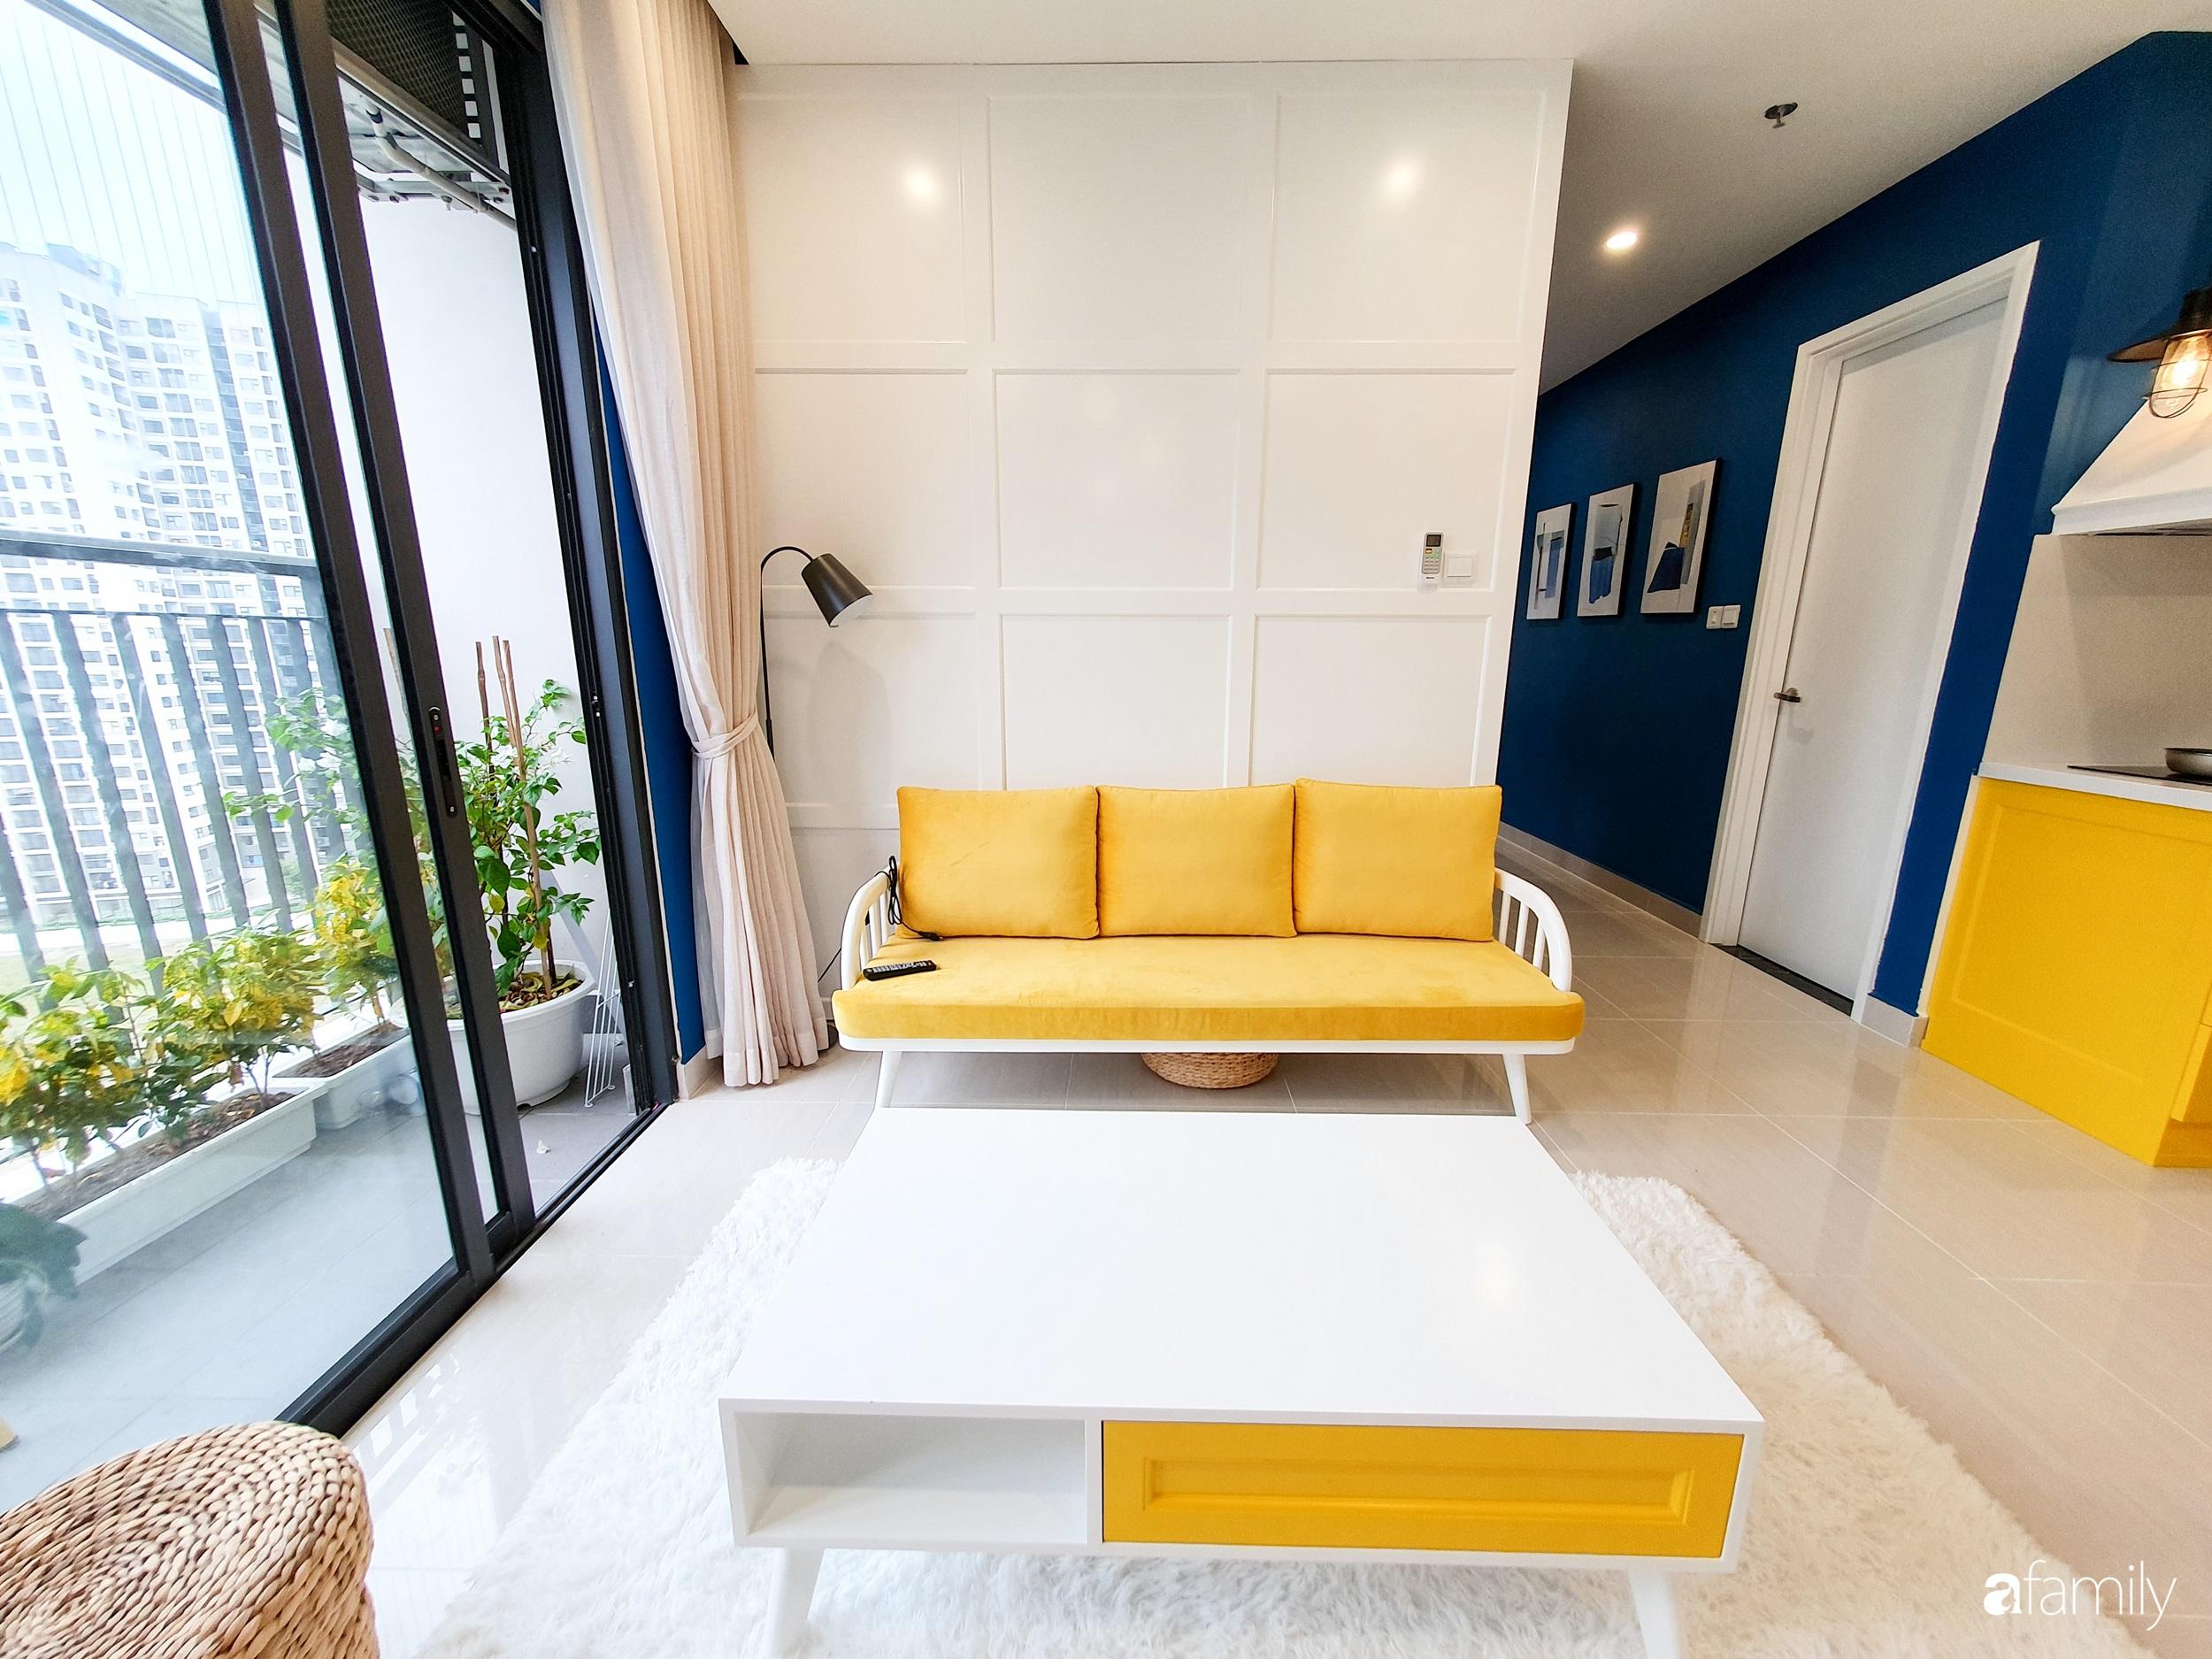 Căn hộ 75m² cá tính với cách phối màu vàng - xanh tinh tế có chi phí hoàn thiện 270 triệu đồng ở Hà Nội - Ảnh 3.